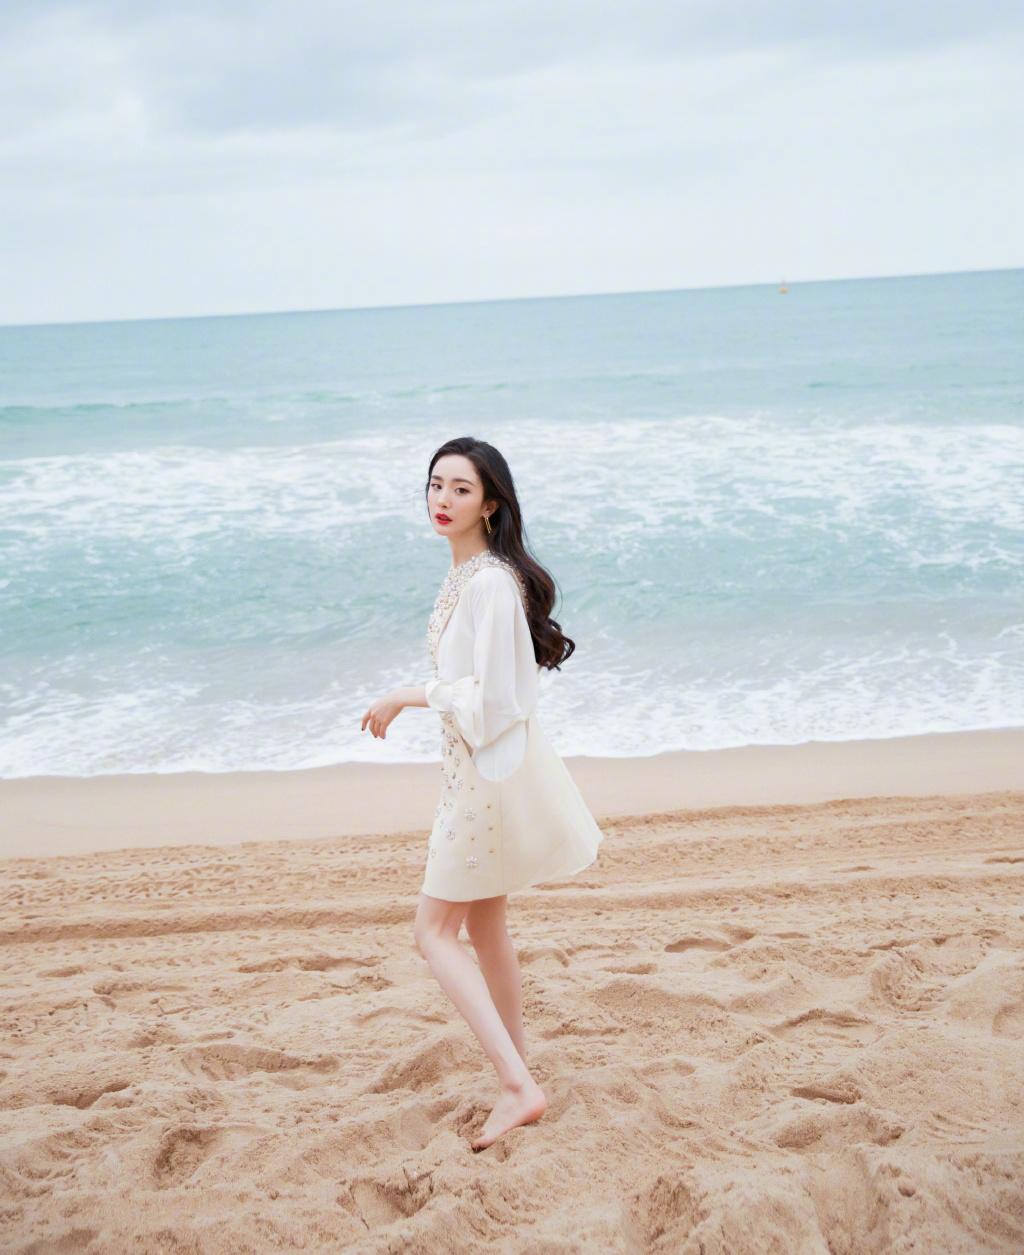 Dương Mịch khoe ảnh trên bãi biển đẹp xuất thần giữa tin đồn phẫu thuật thẩm mỹ